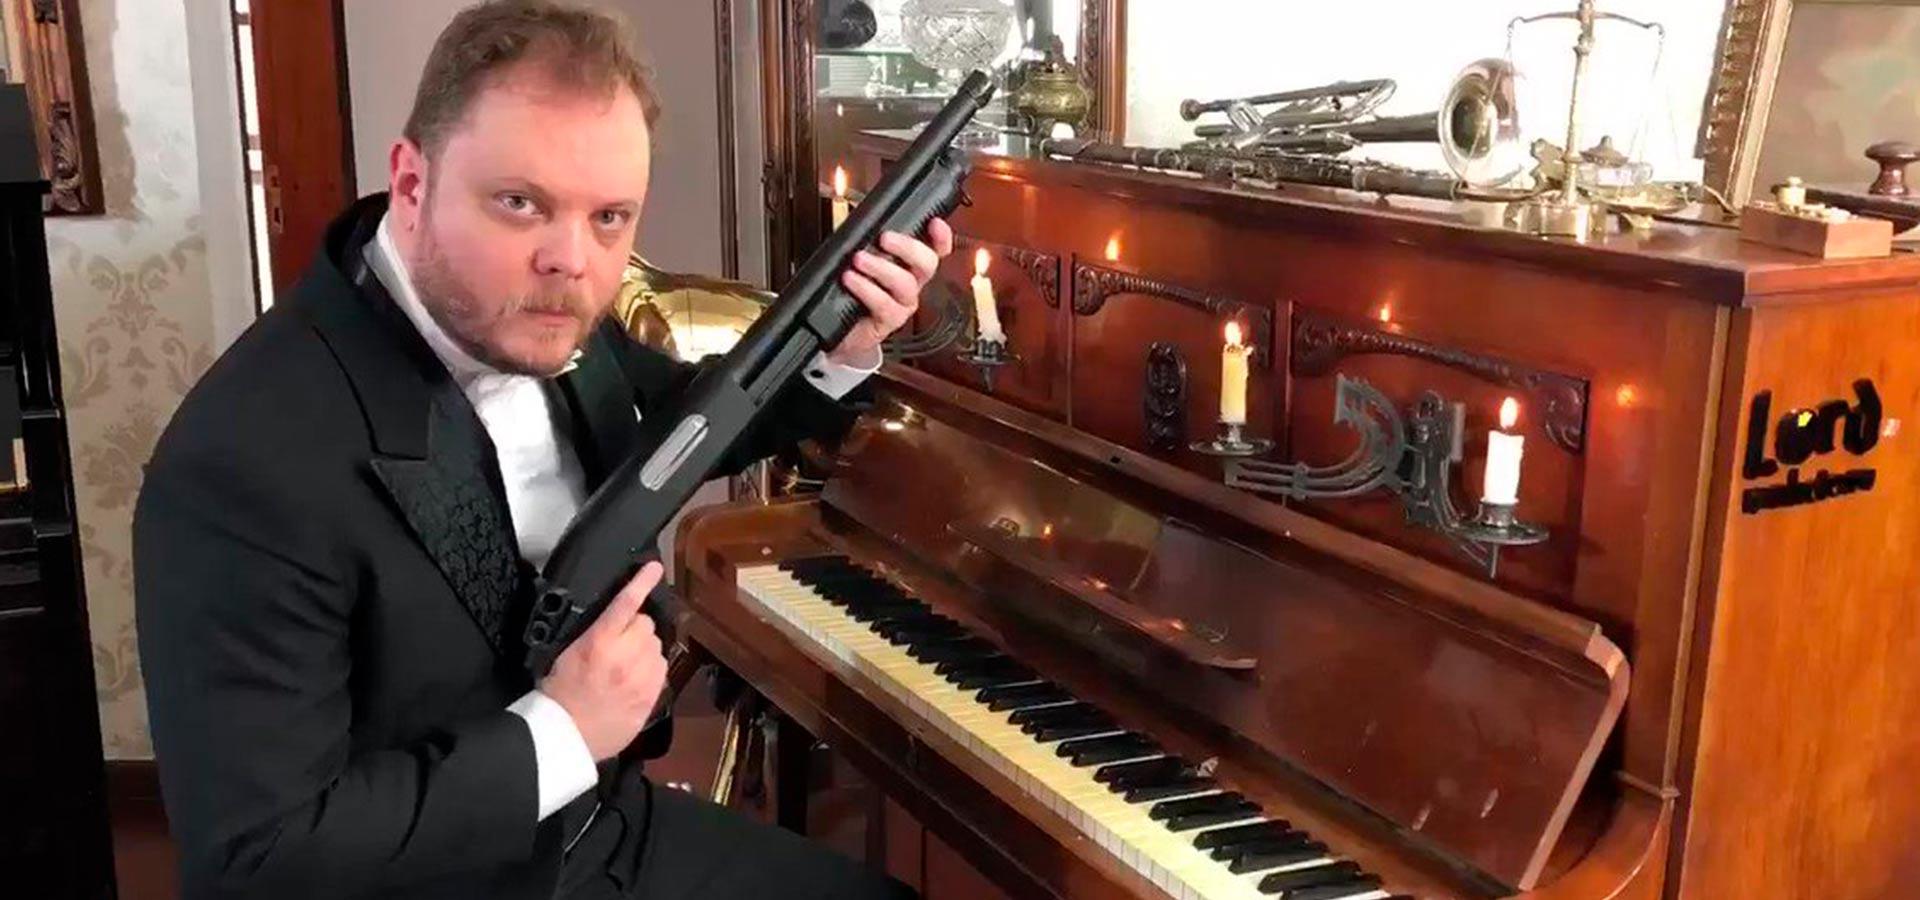 Пианист сыграл гимн СССР с помощью АК-47